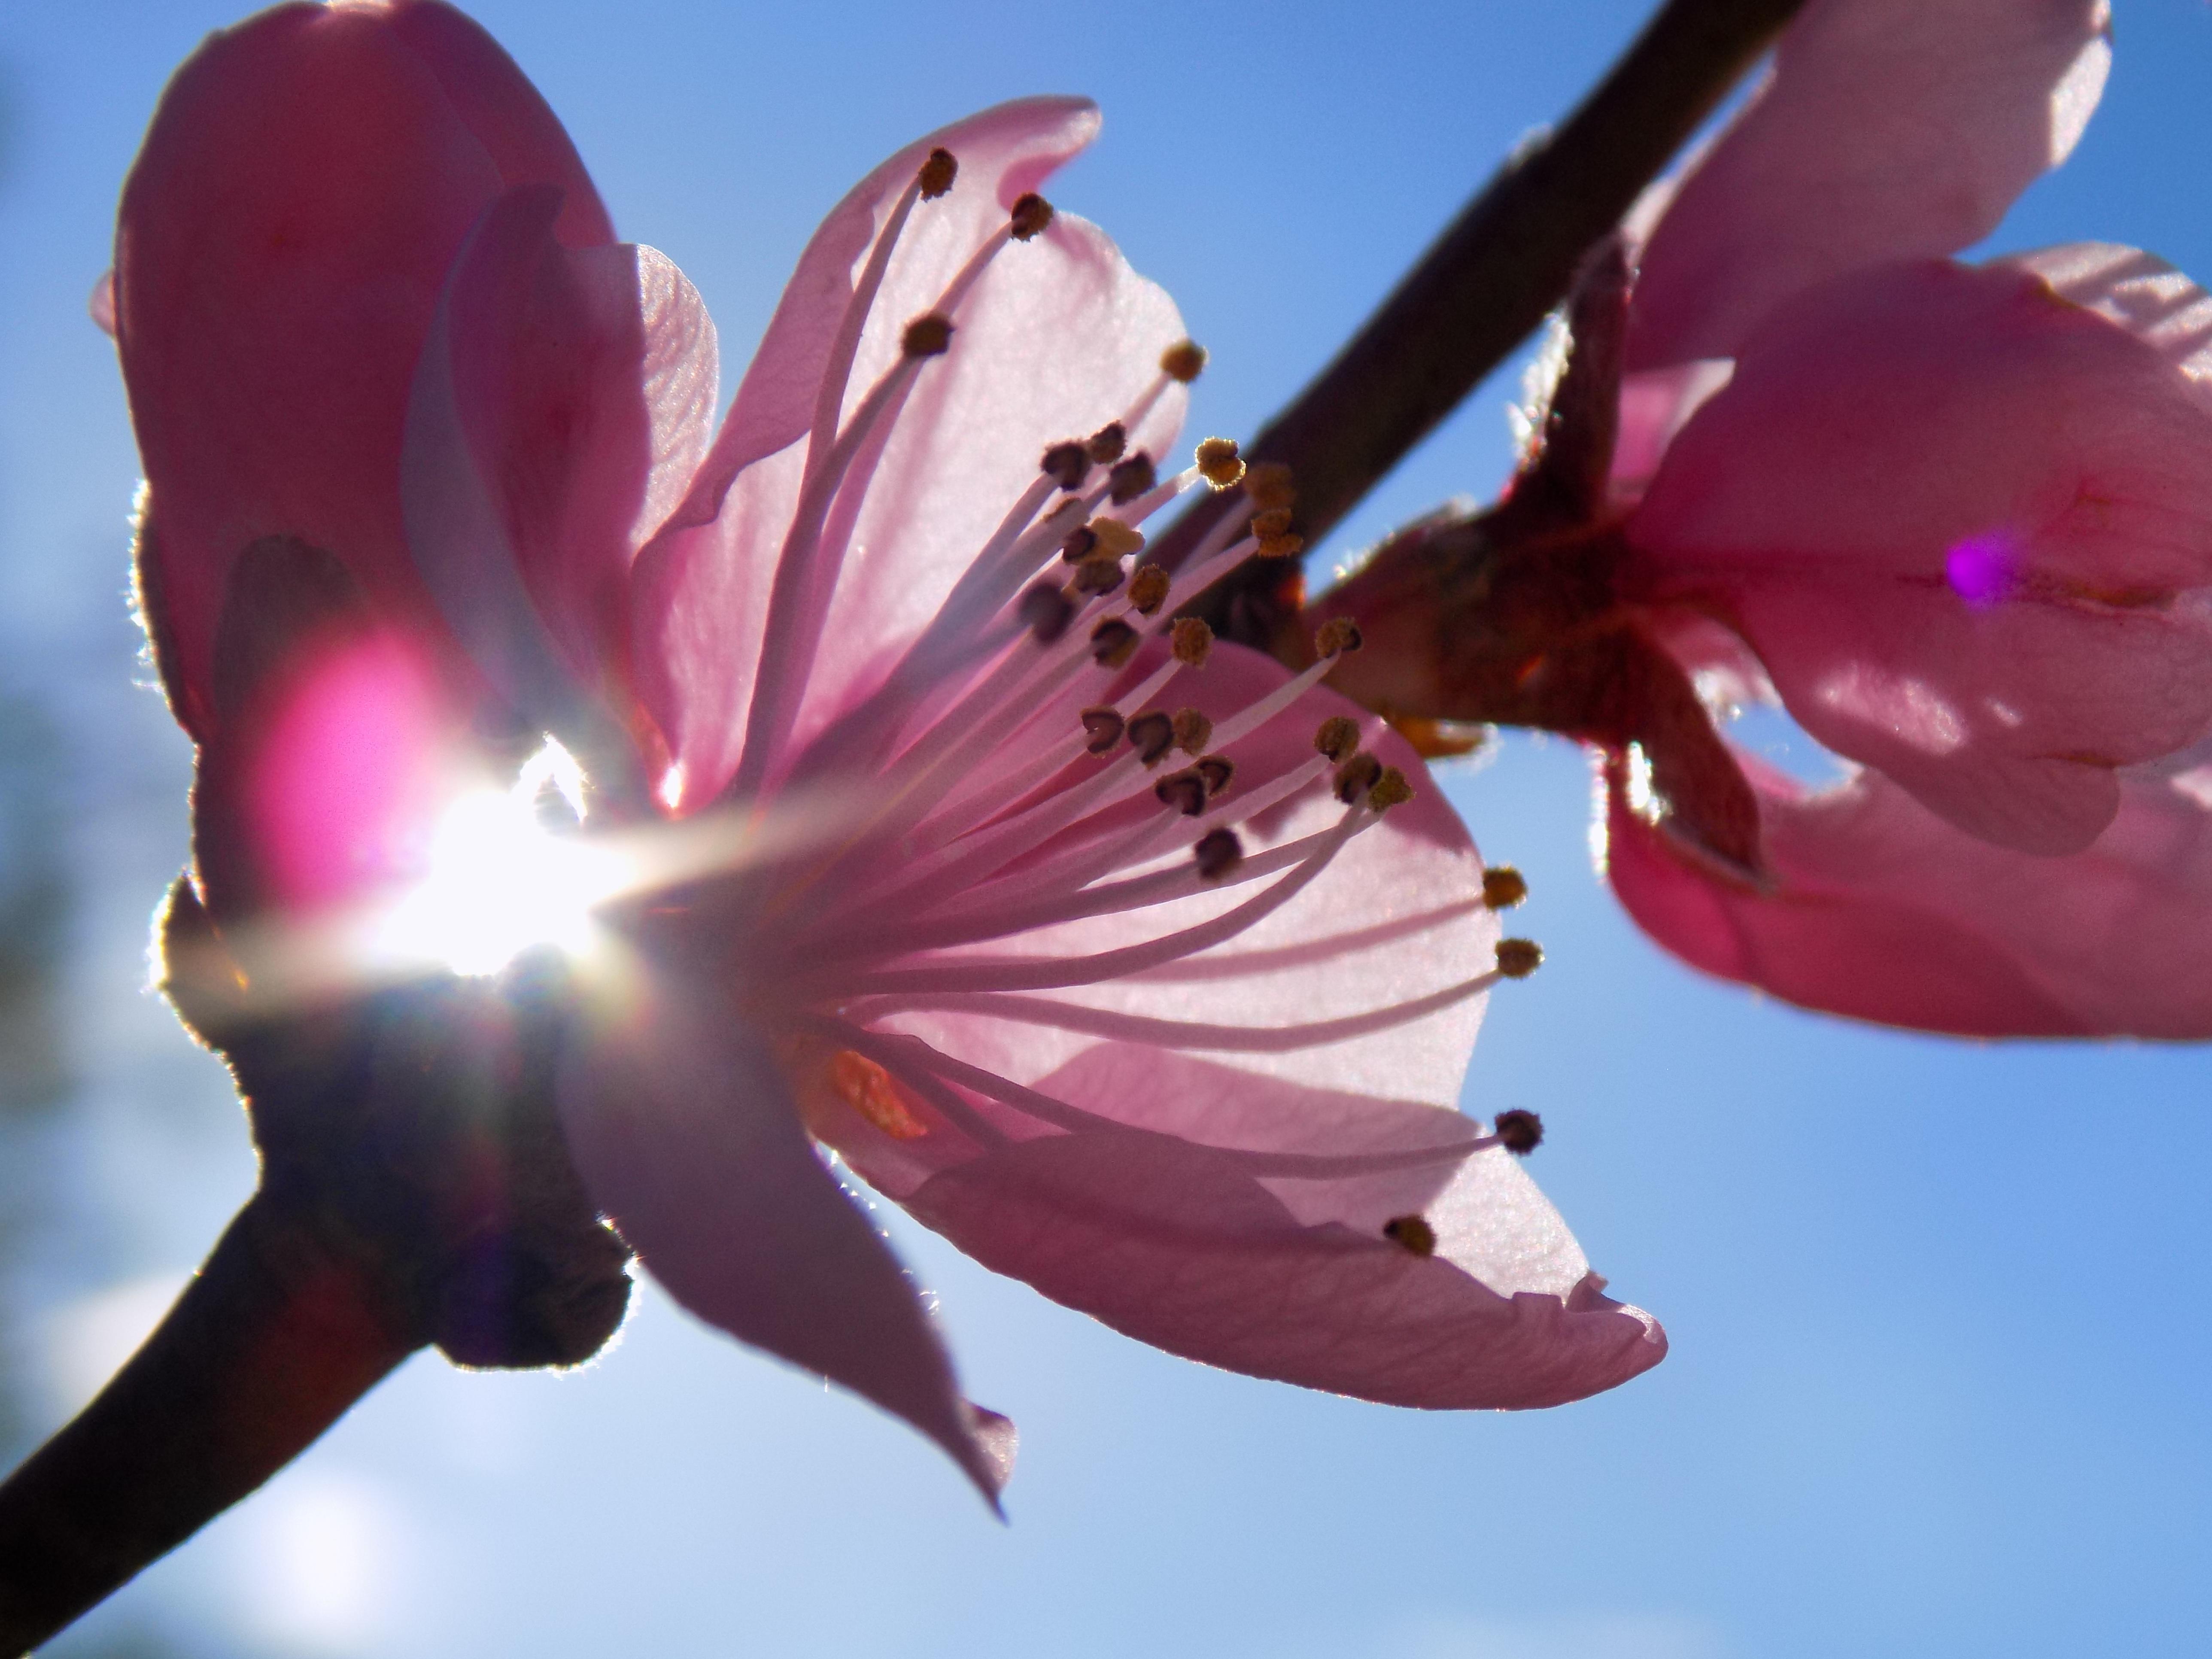 что картинки как расцветают цветы инстаграм певец выкладывает